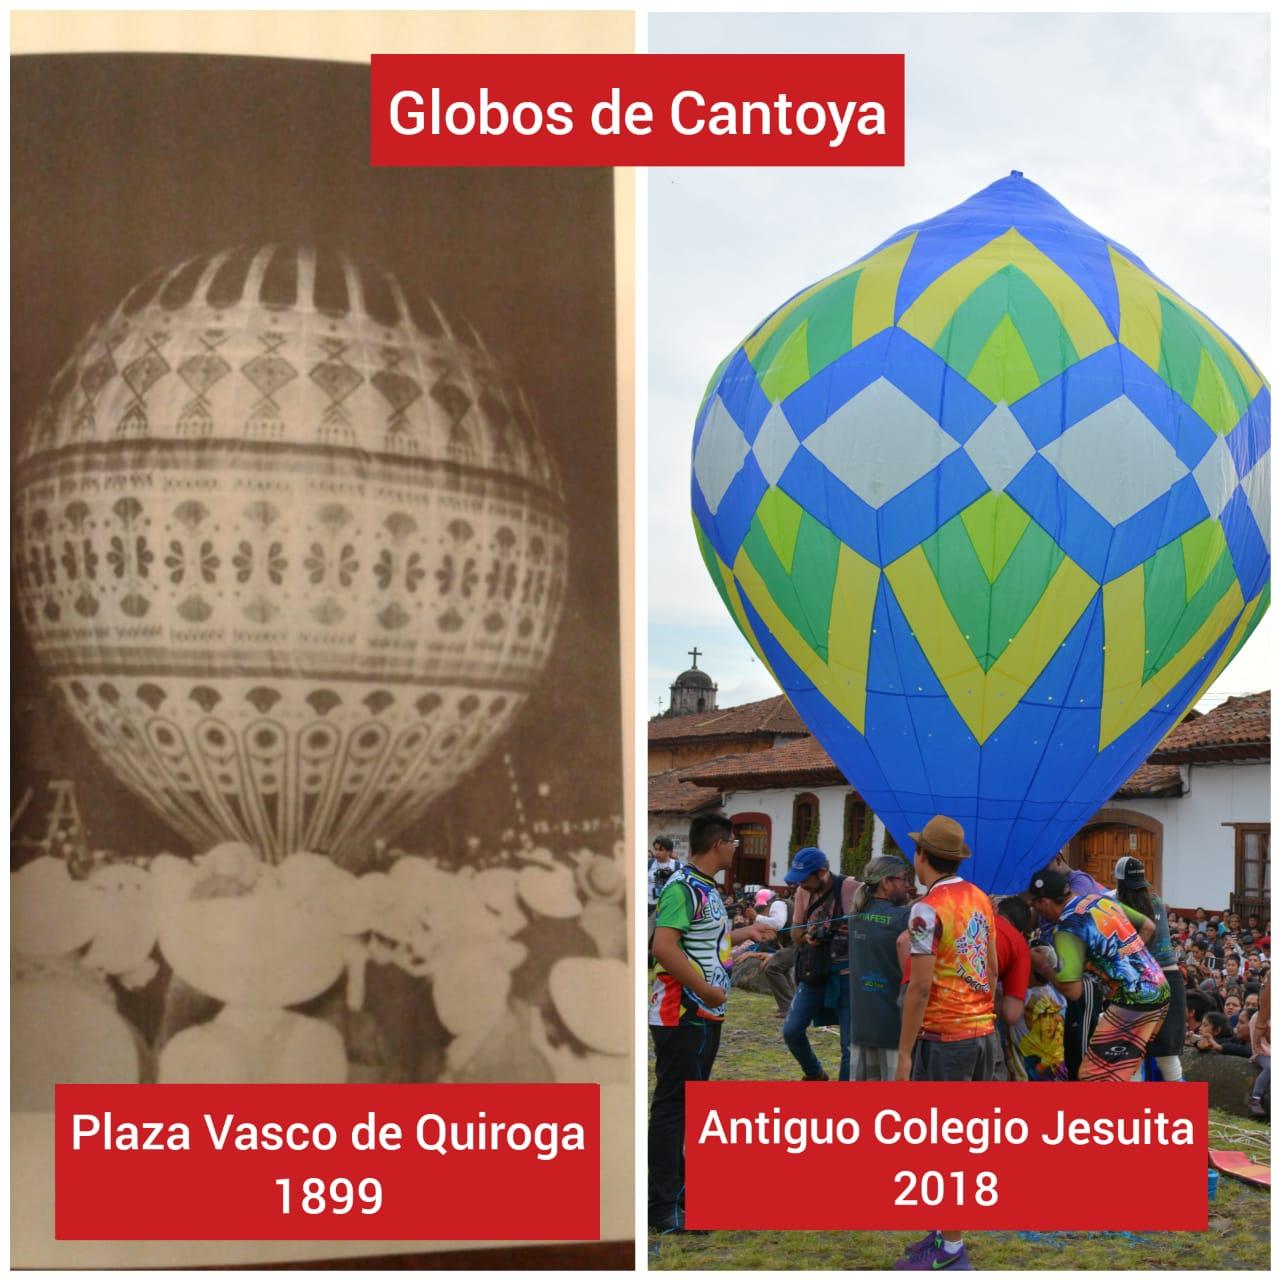 Globos de Cantoya en Pátzcuaro, una tradición que data del siglo XIX